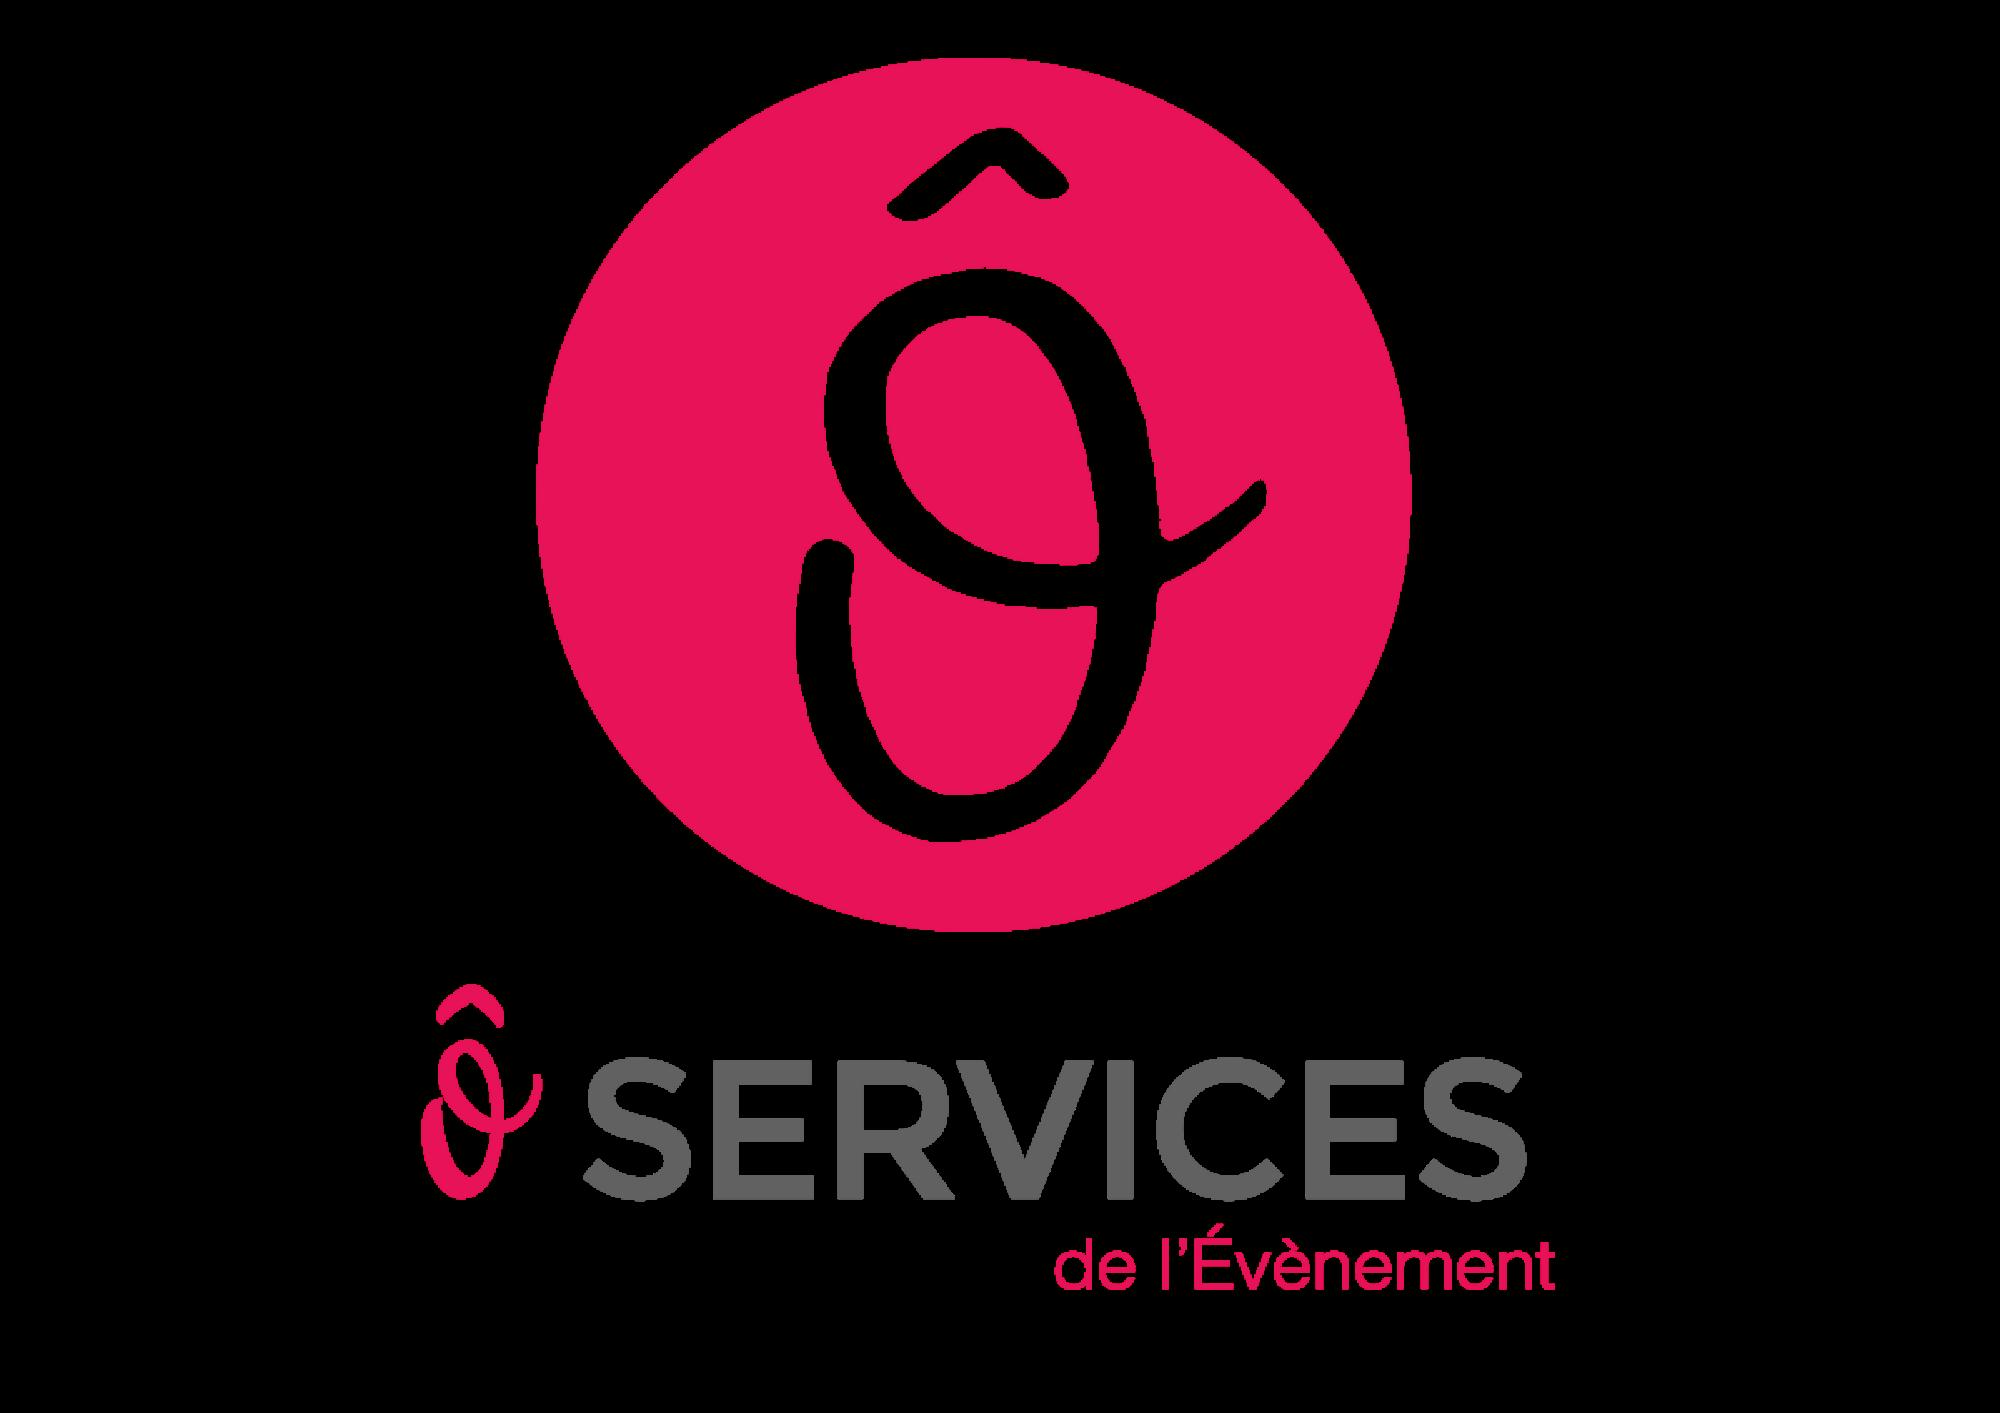 Ô Services de l'Évènement